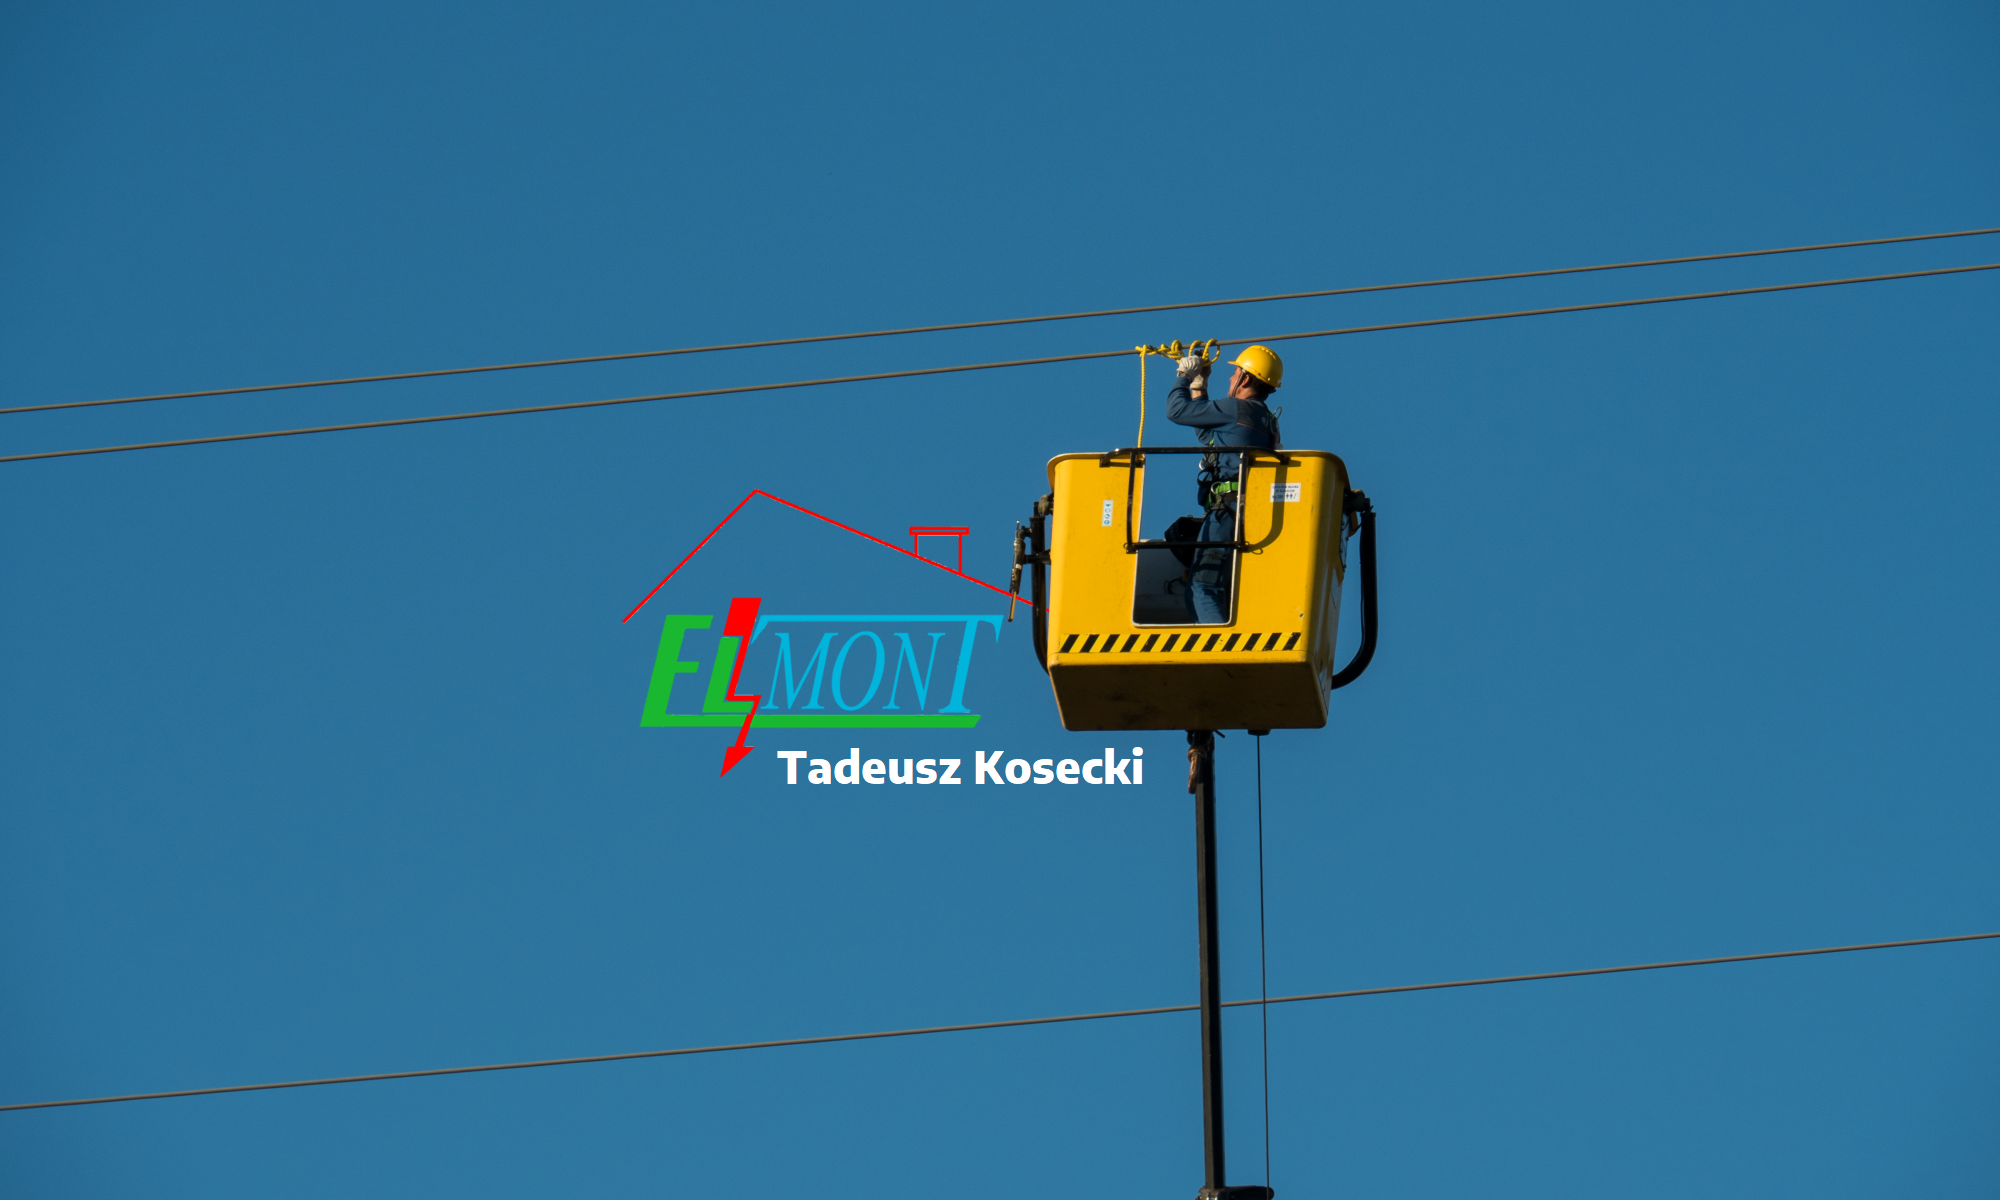 """Przedsiębiorstwo Wielobranżowe """"ELMONT"""" Tadeusz Kosecki"""